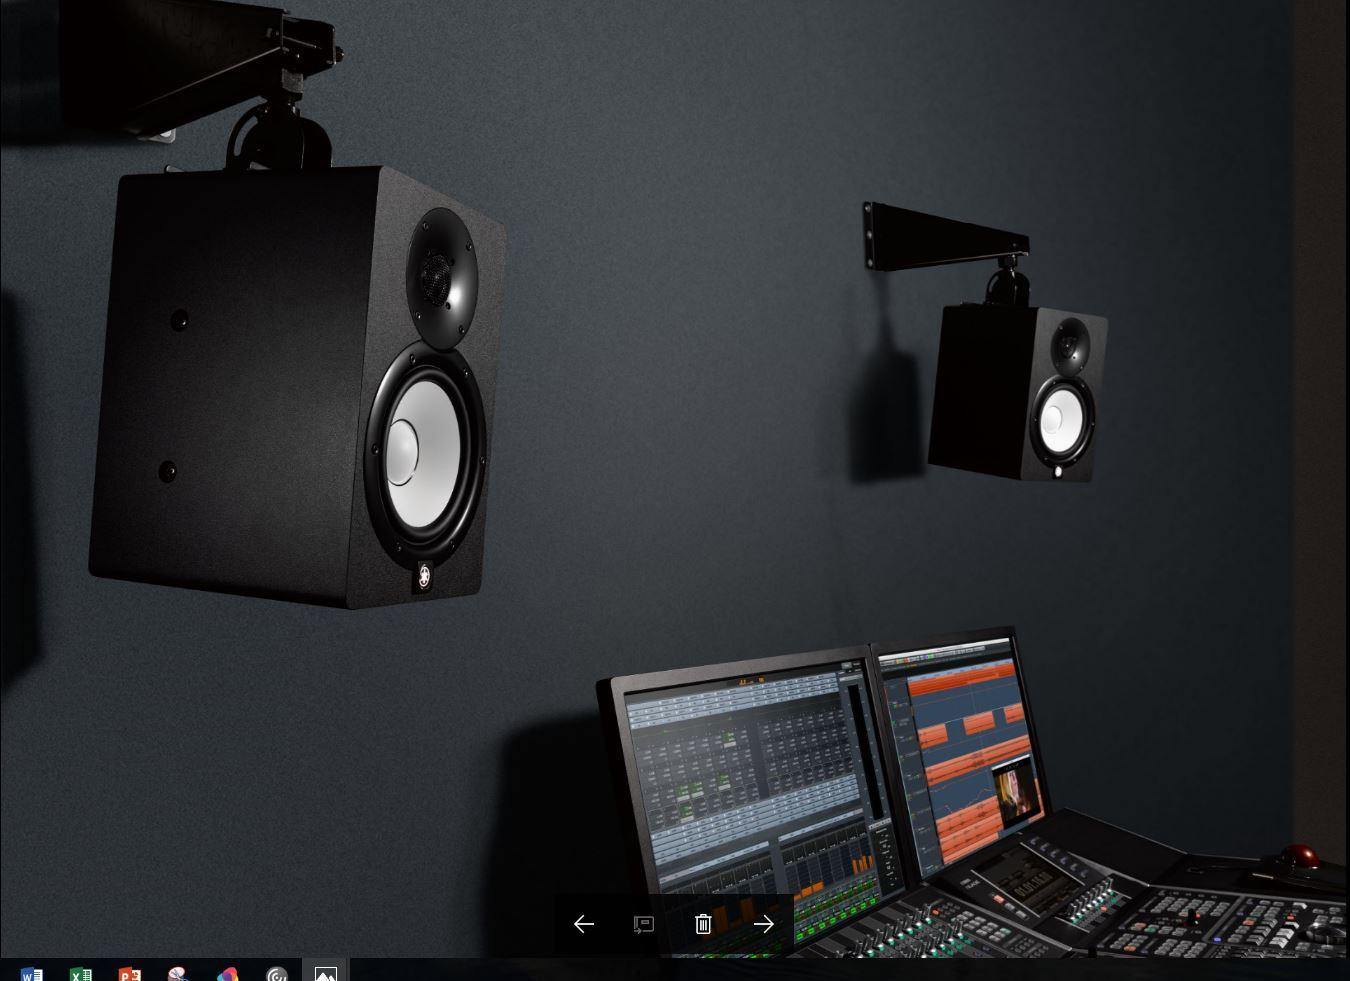 yamaha hs8 studio subwoofer musical instruments. Black Bedroom Furniture Sets. Home Design Ideas